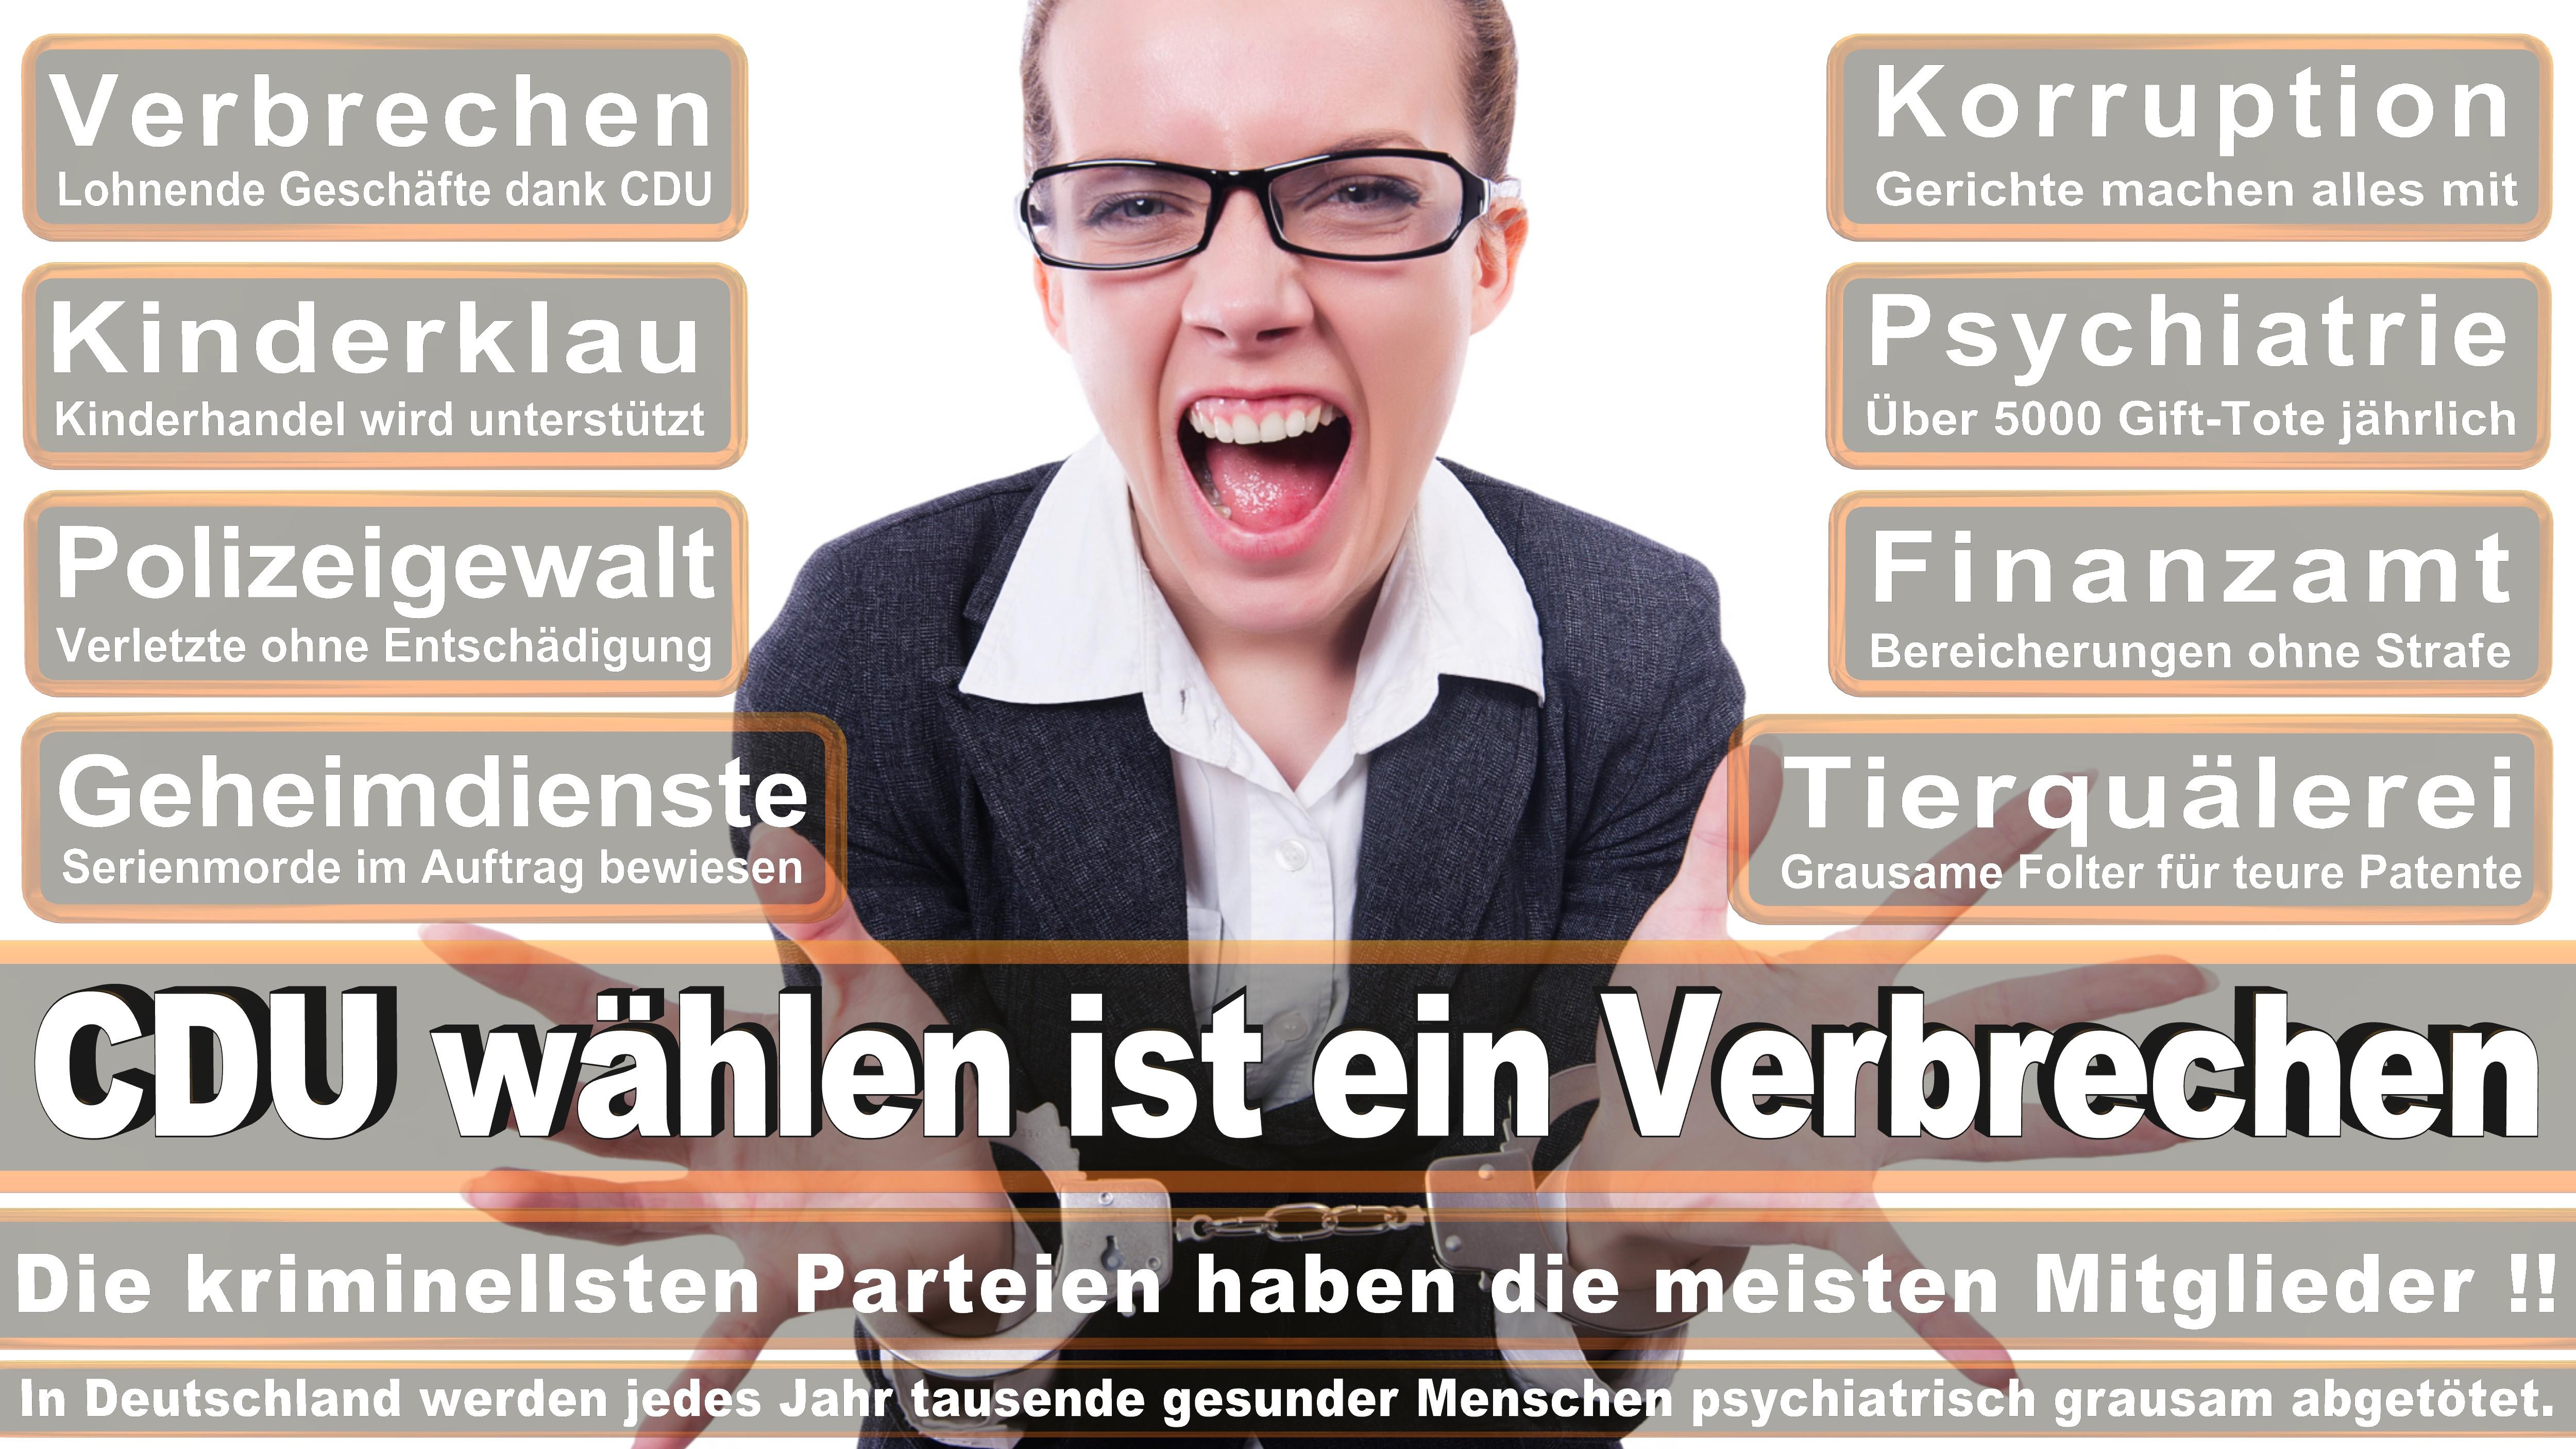 Karin Binder DIE LINKE Baden Württemberg Politiker Deutschland